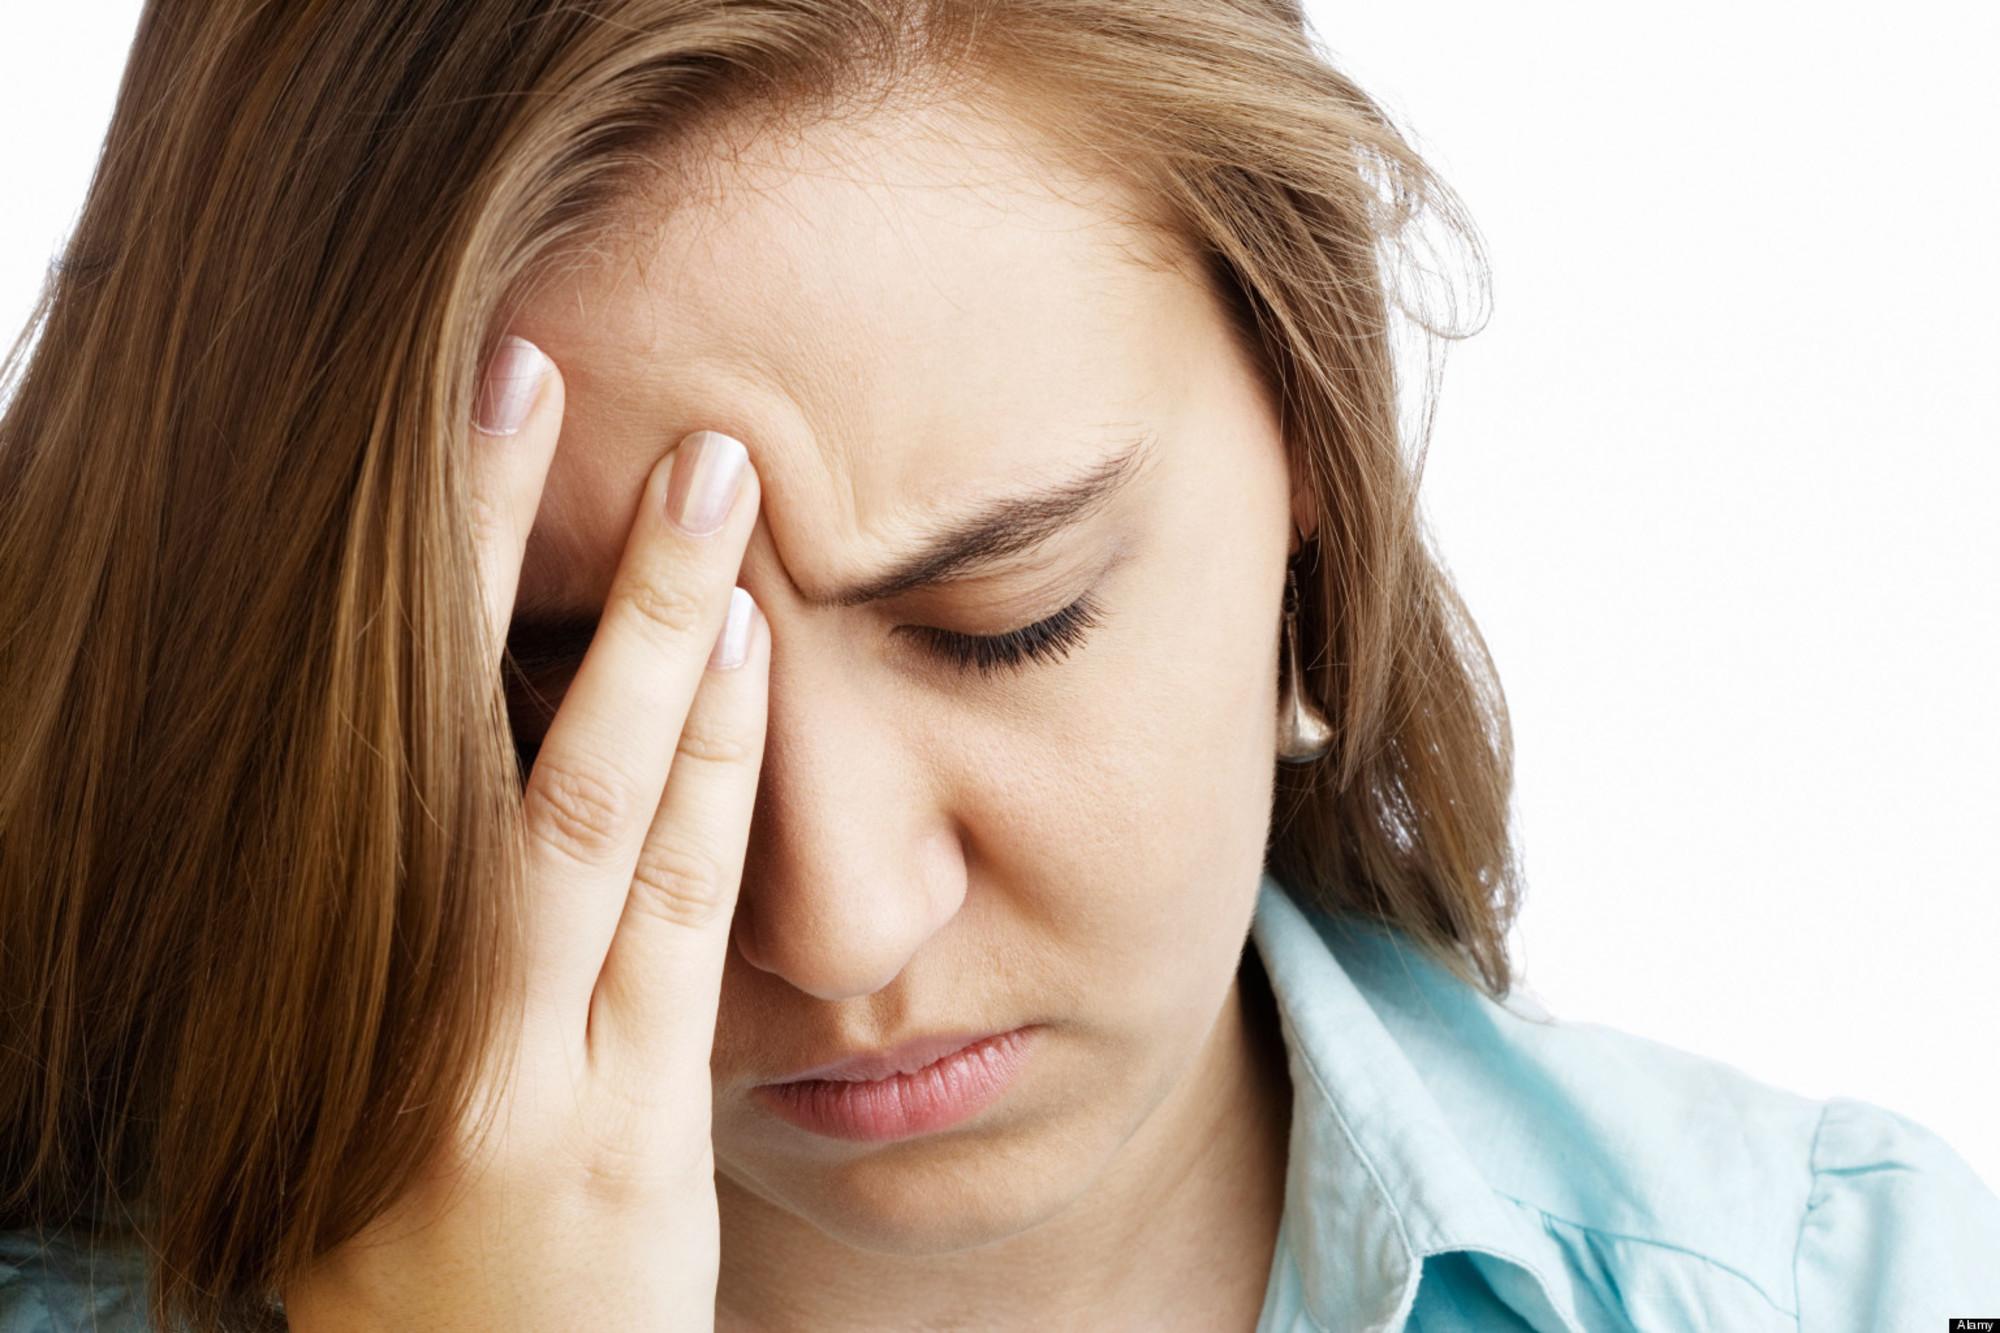 Как избавиться от тревоги и беспокойства - психологи онлайн